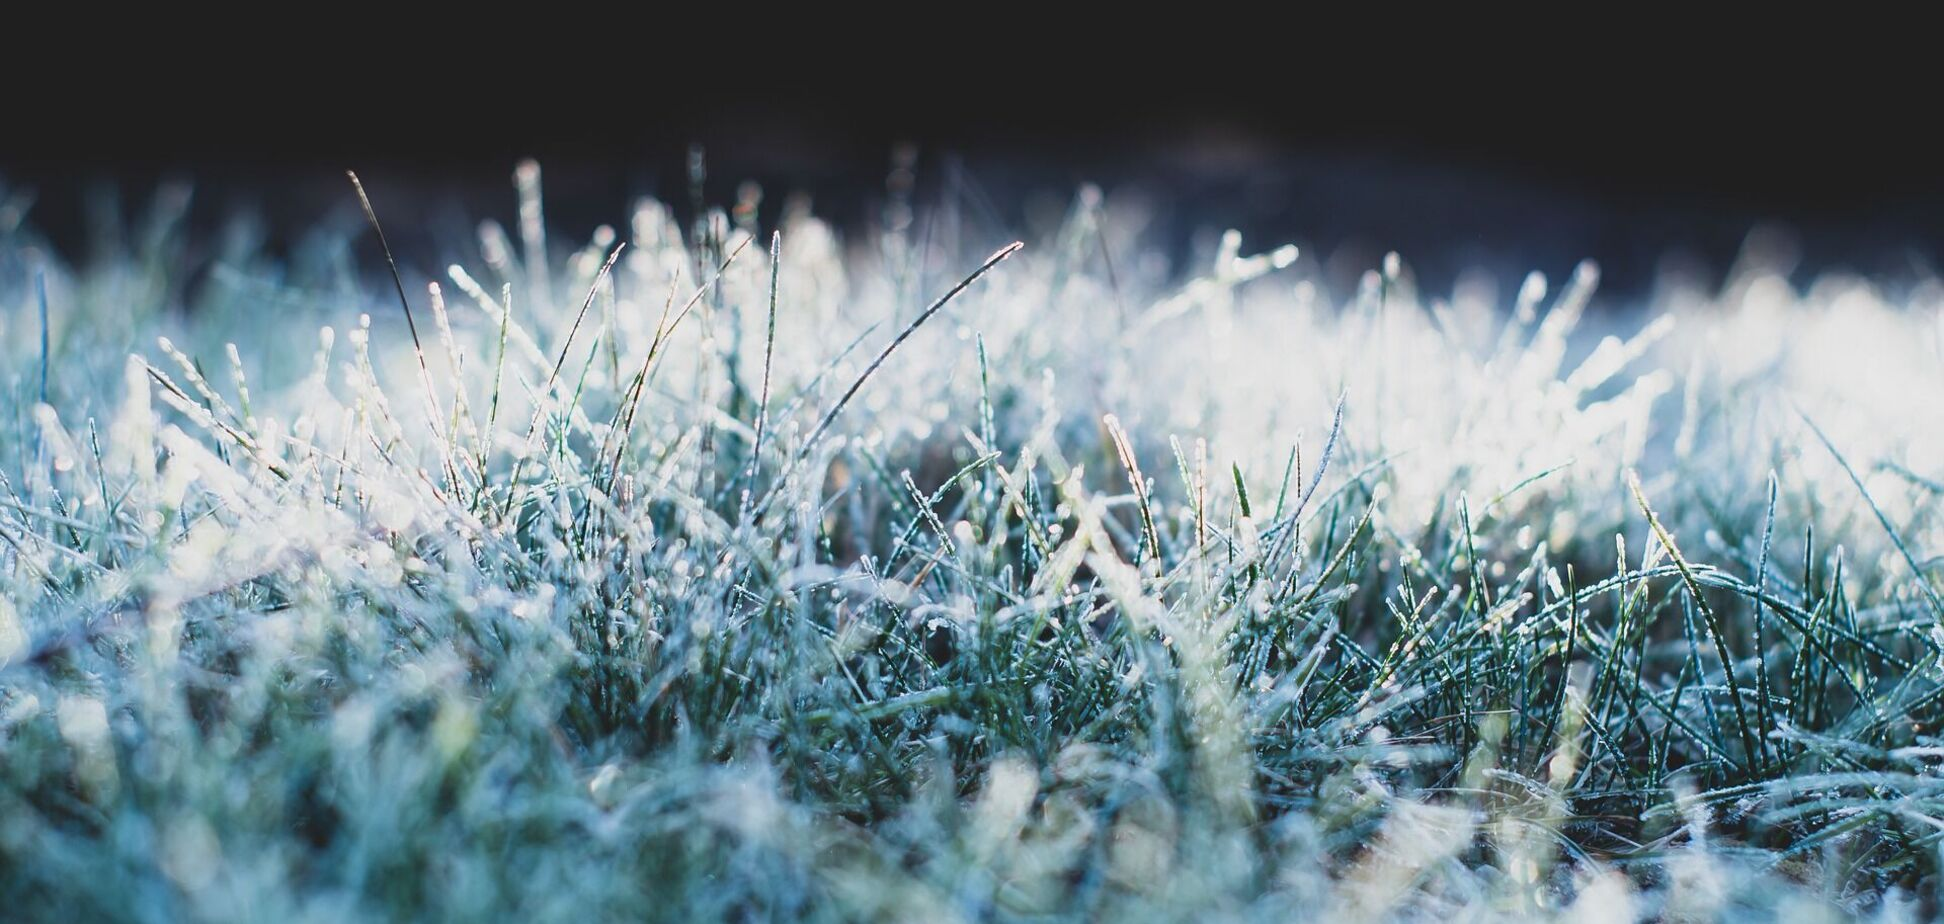 Українців попередили про заморозки в суботу. Карта погоди